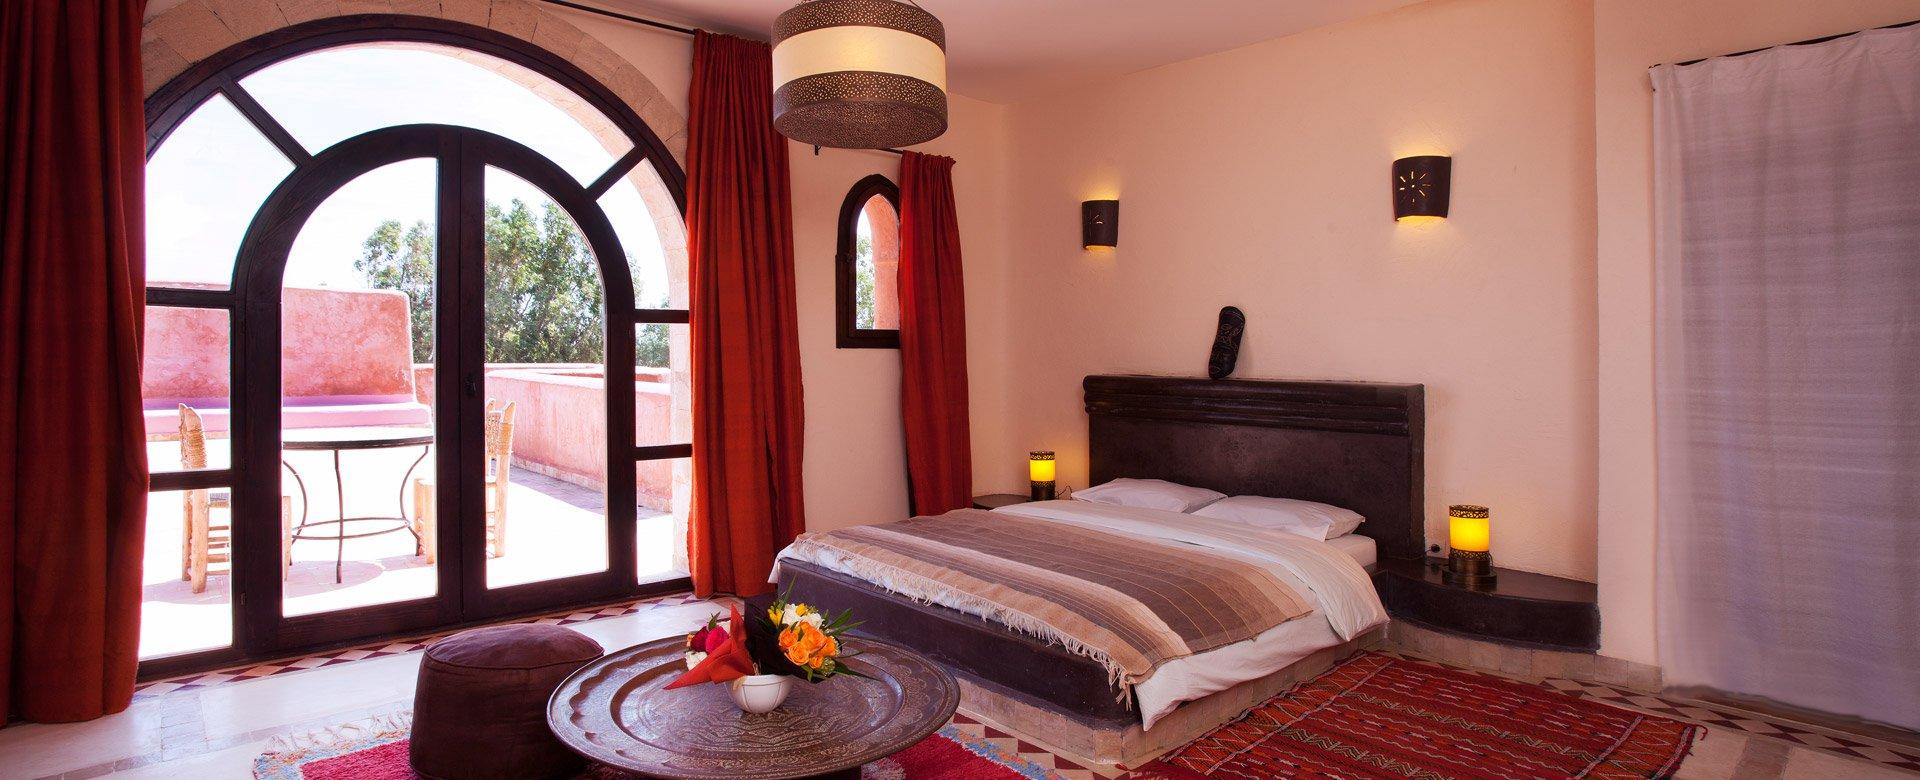 Decoration Villa Marocaine Id Es De Conception Sont Int Ressants Votre D Cor